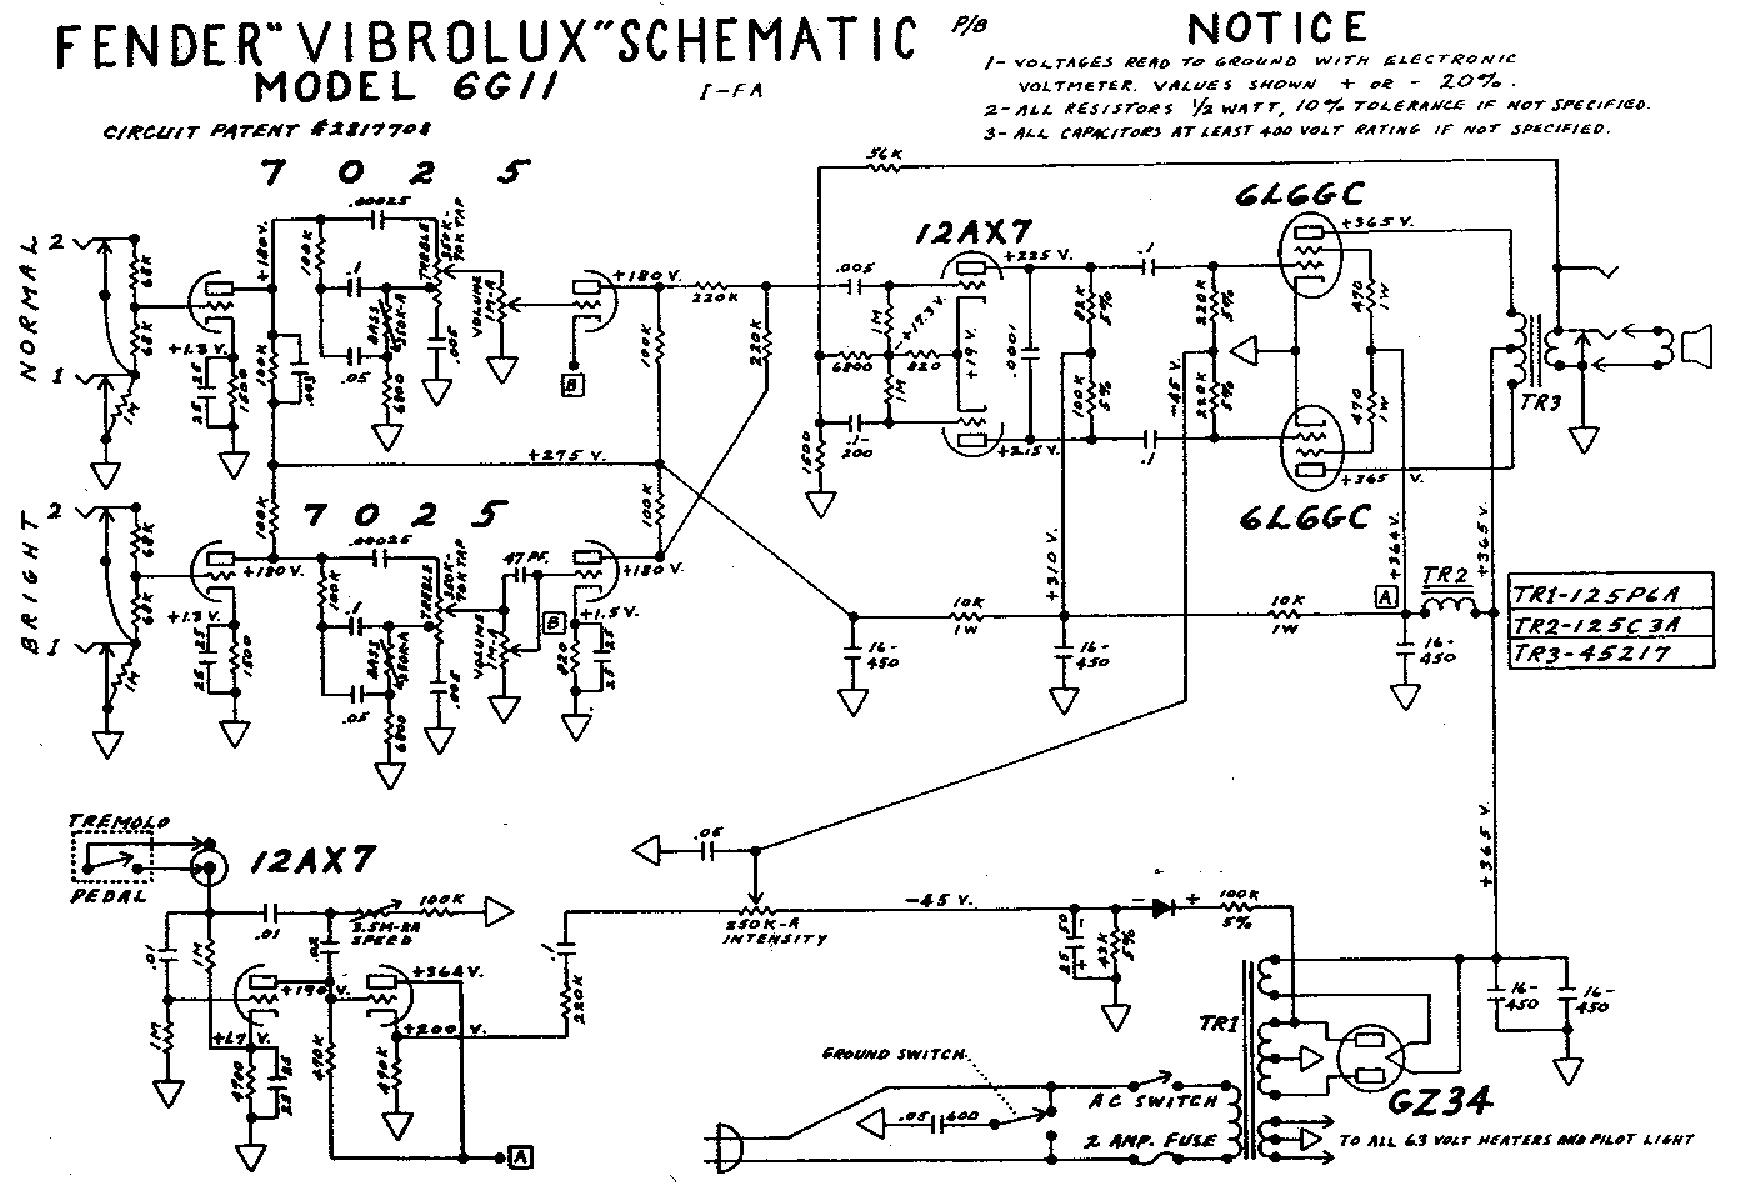 FENDER VIBROLUX 6G11 SCHEM Service Manual download, schematics ...